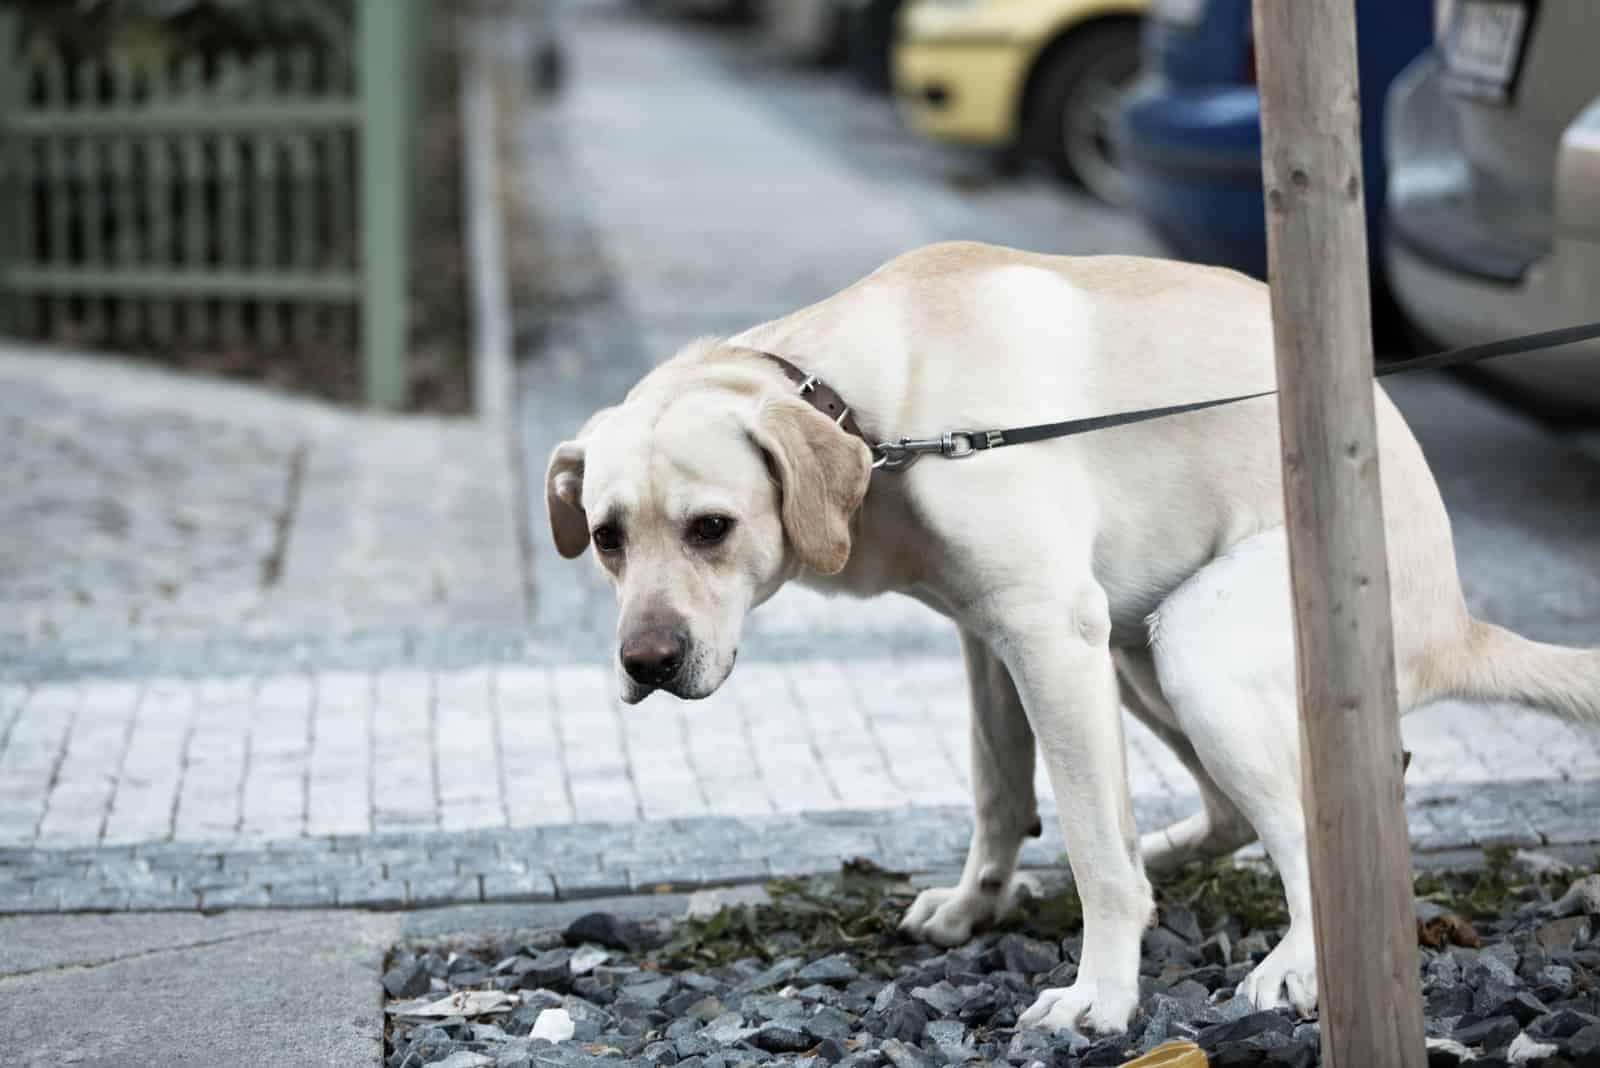 Der weiße Hund an der Leine uriniert großartig